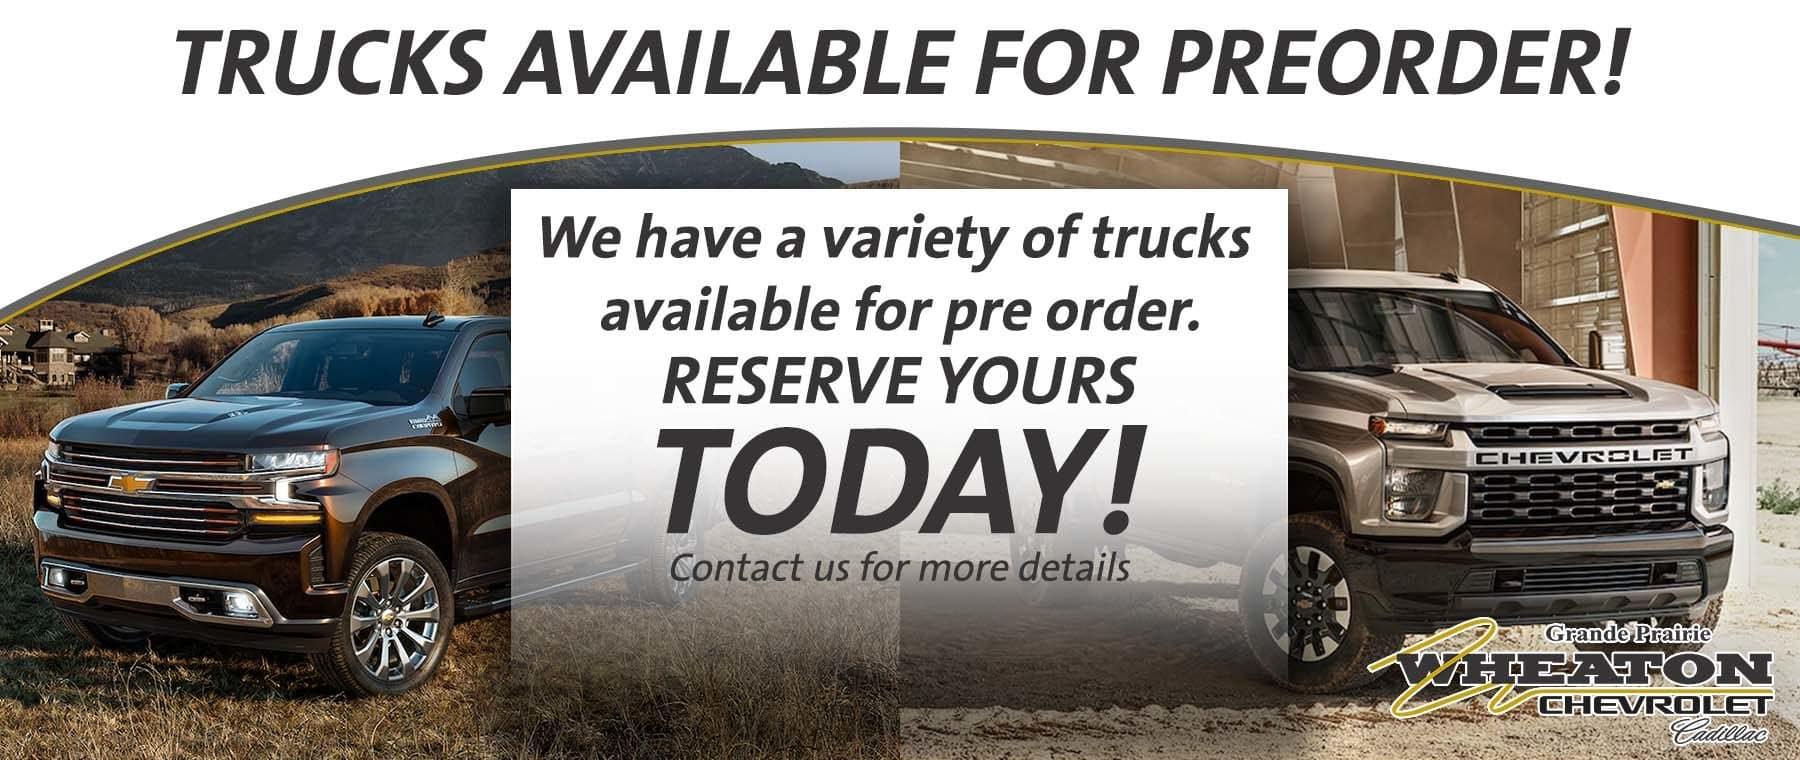 Preorder Trucks Updated